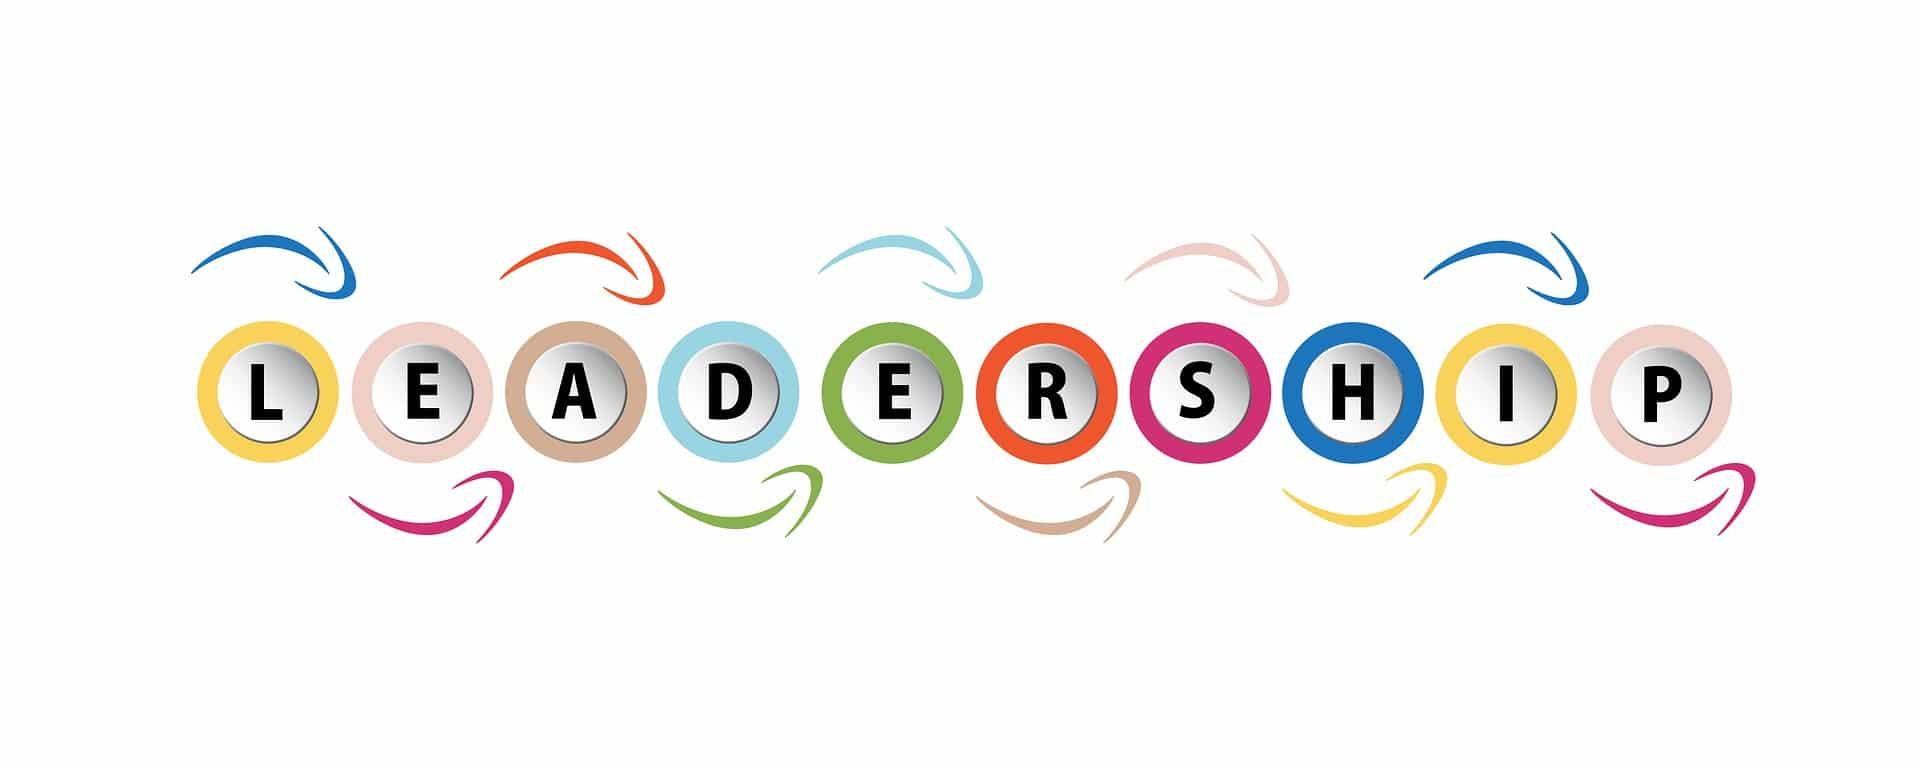 list-of-leadership-skills